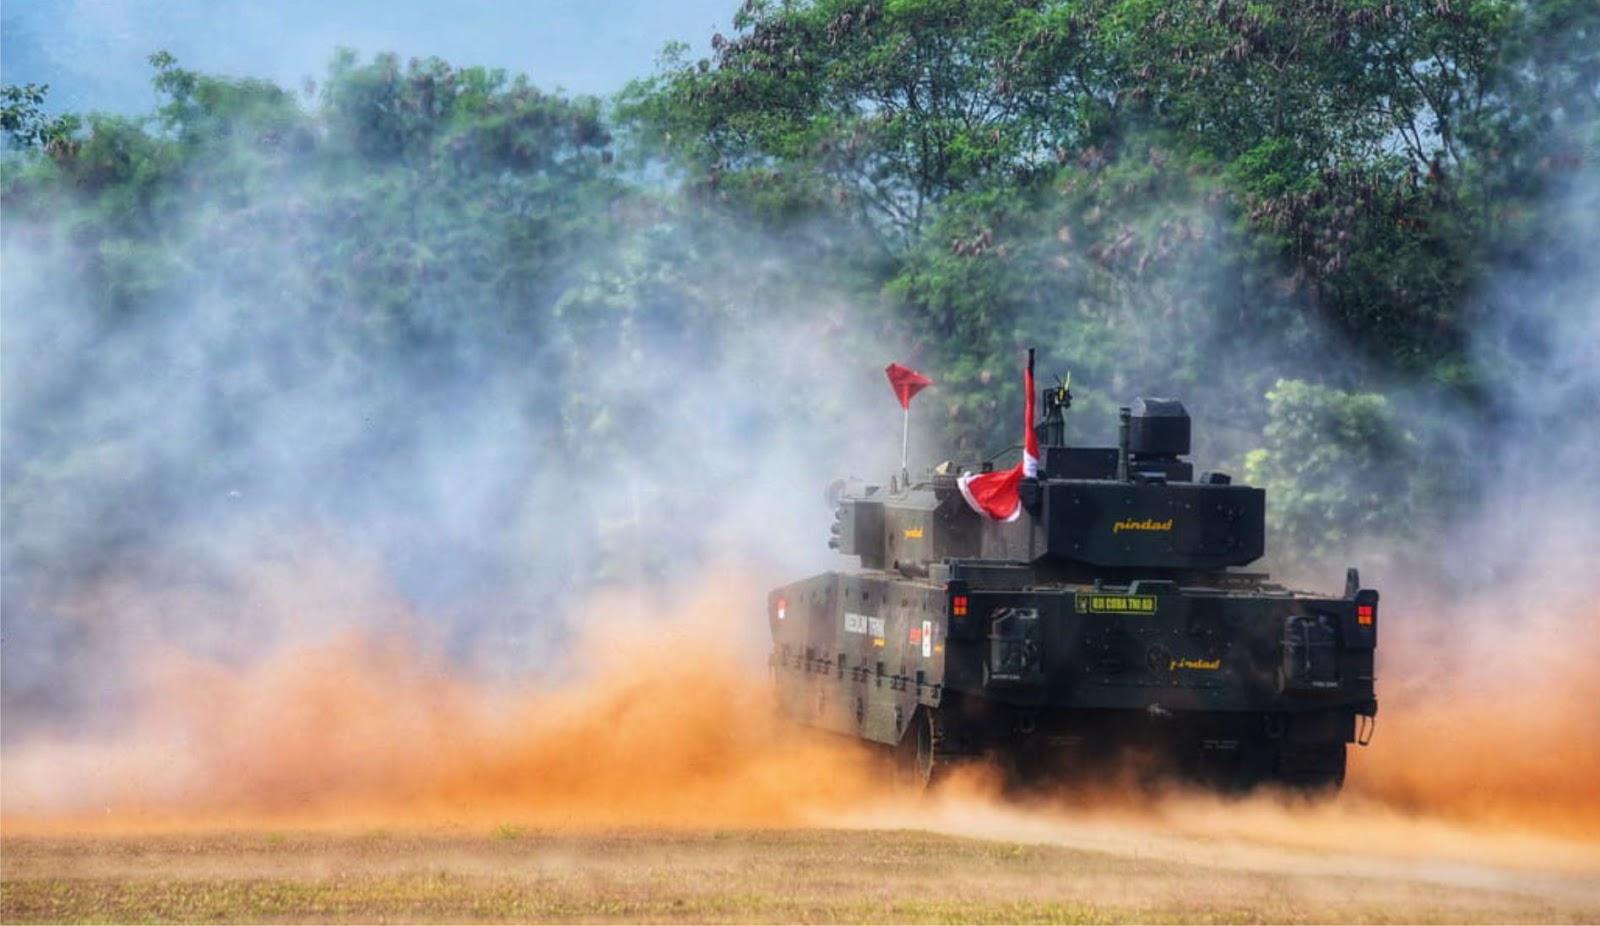 Pindad Uji Tembak Medium Tank